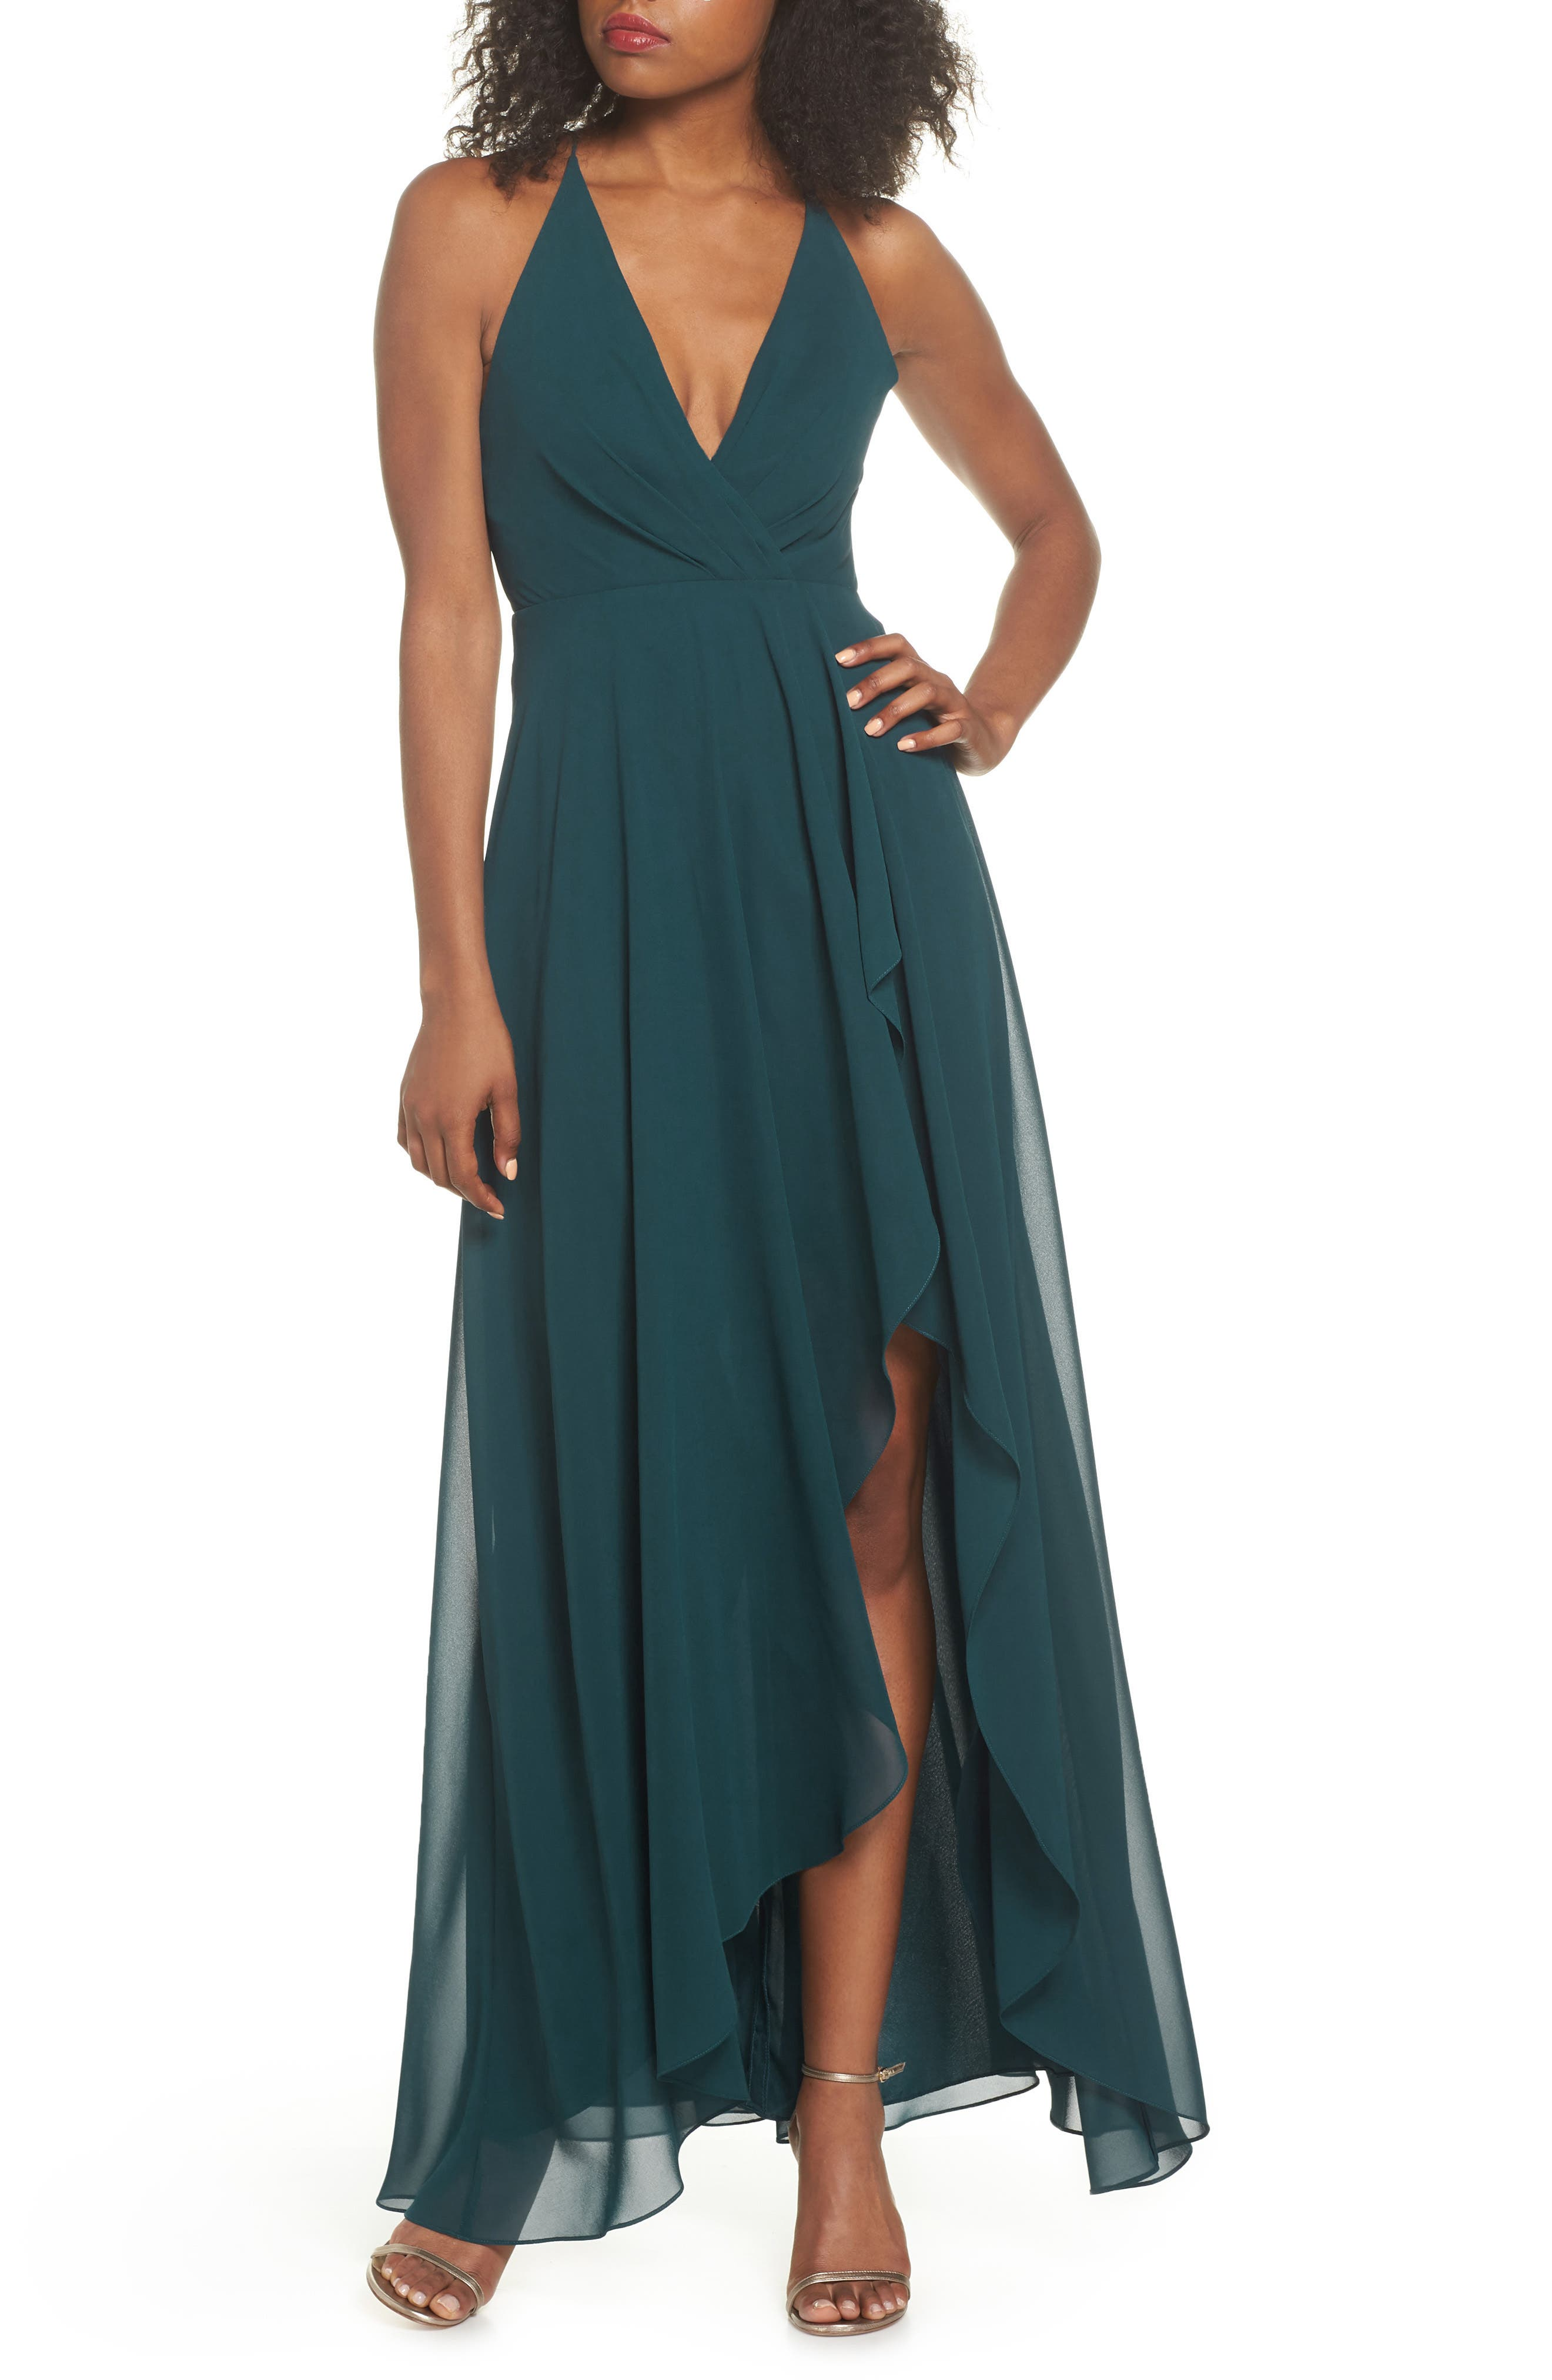 JENNY YOO Farrah Ruffle Skirt Chiffon Gown in Caspian Sea